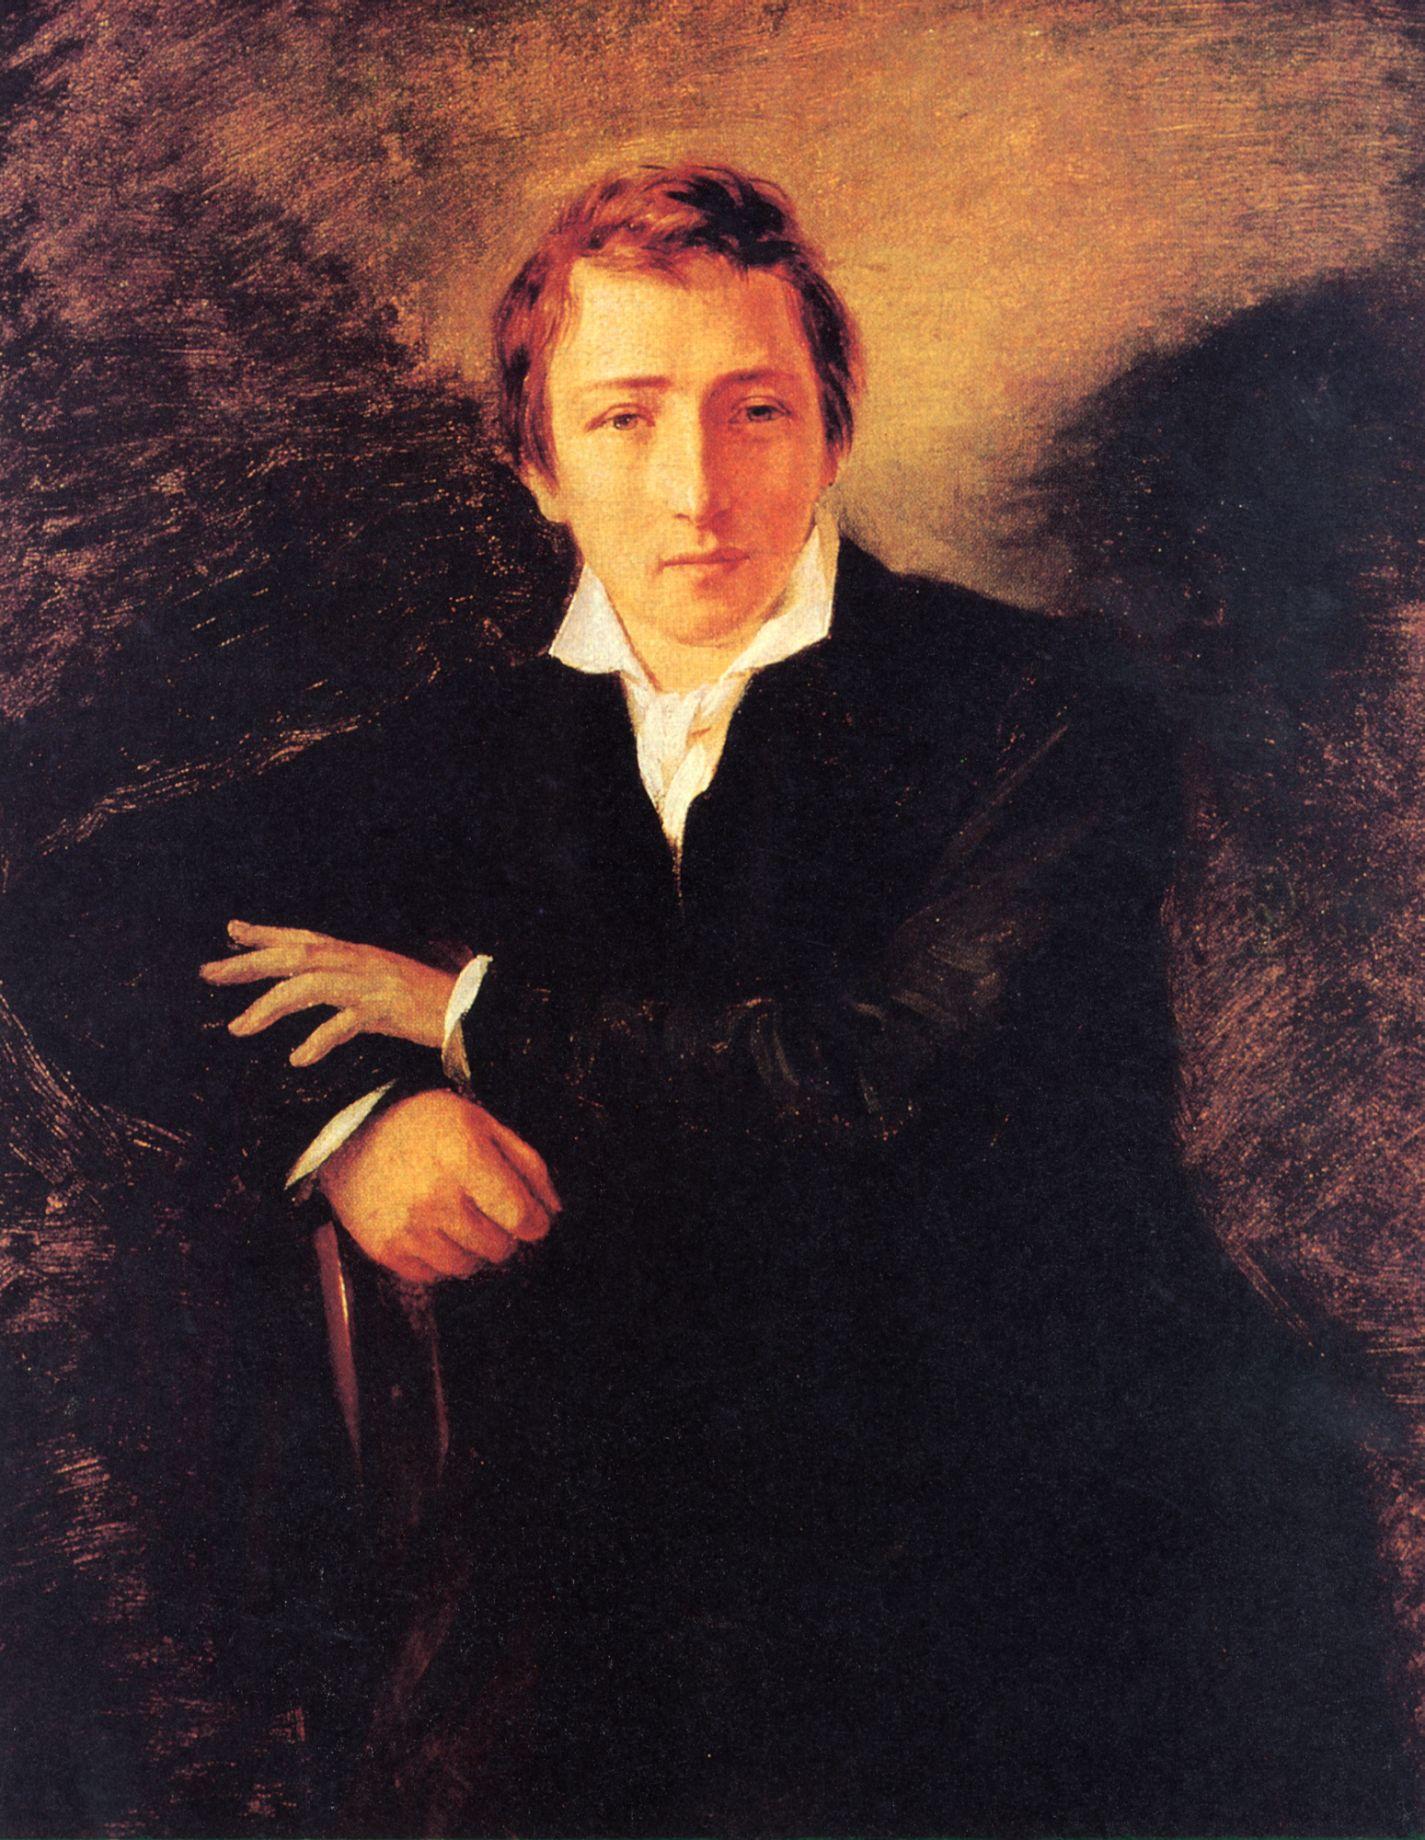 El poeta alemán Heinrich Heine, otro de los favoritos de Roberto Frassinelli.